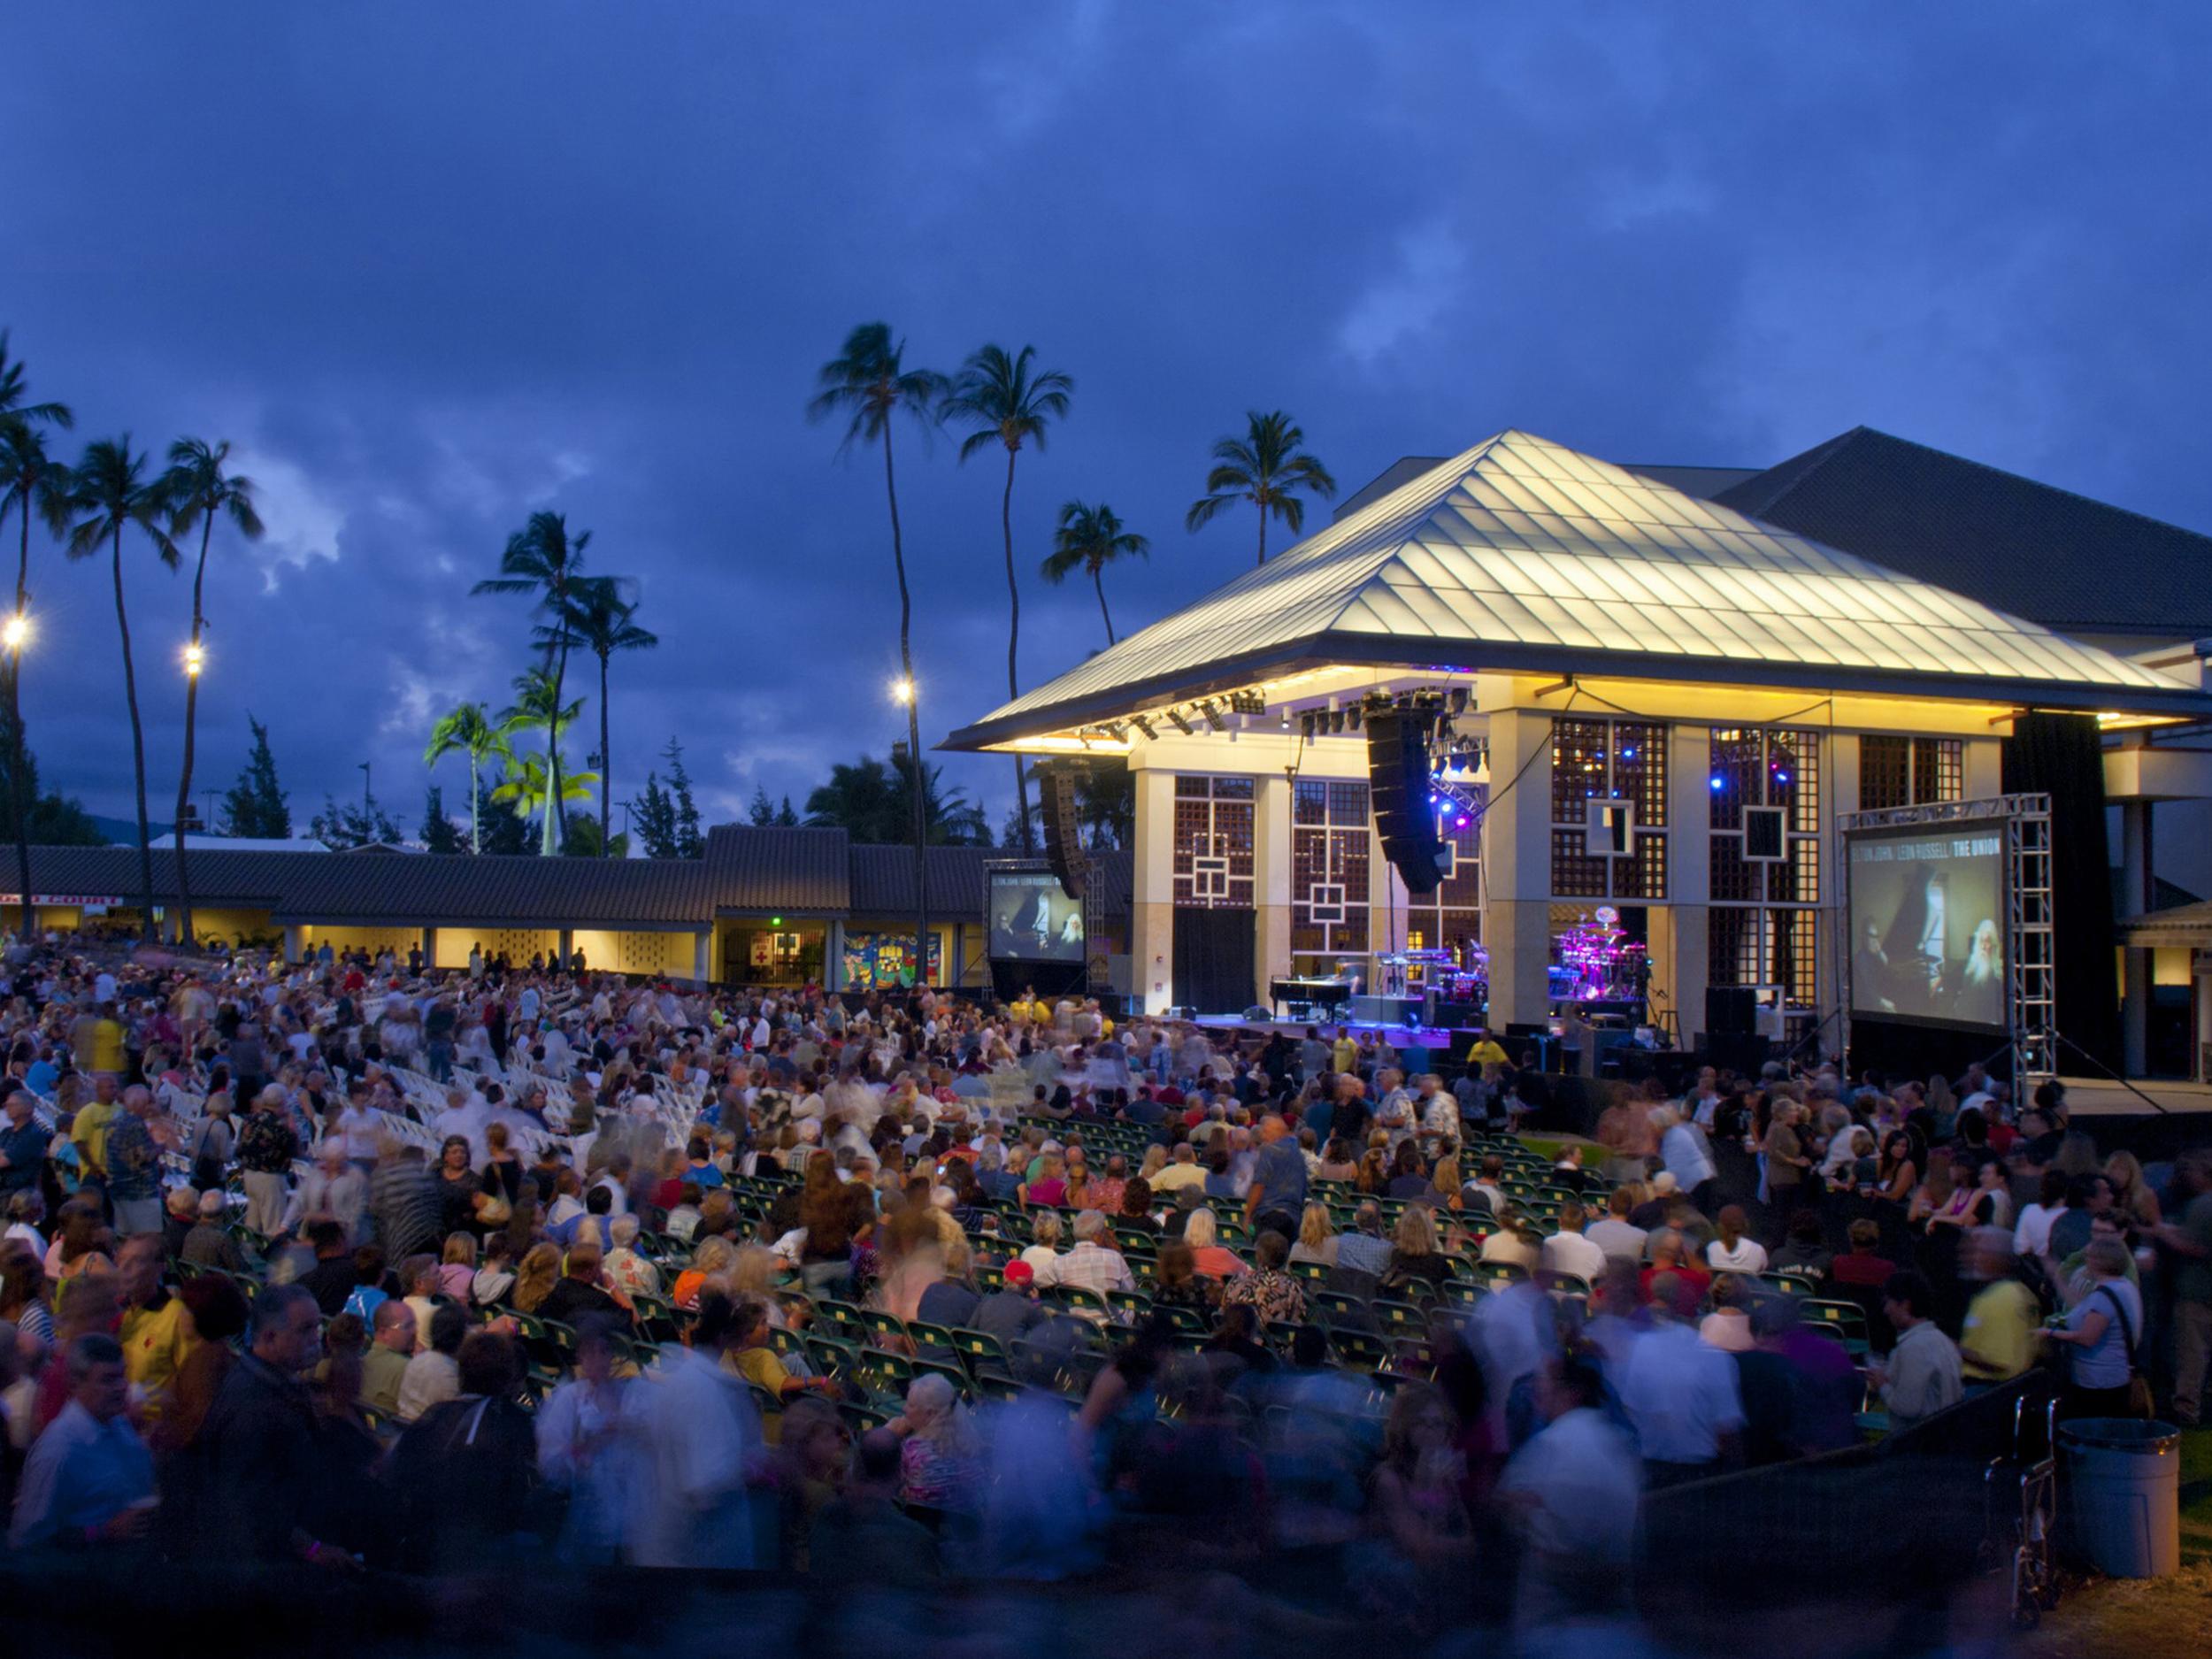 11_Maui Arts Cultural Center_Yokouchi Pavilion.jpg